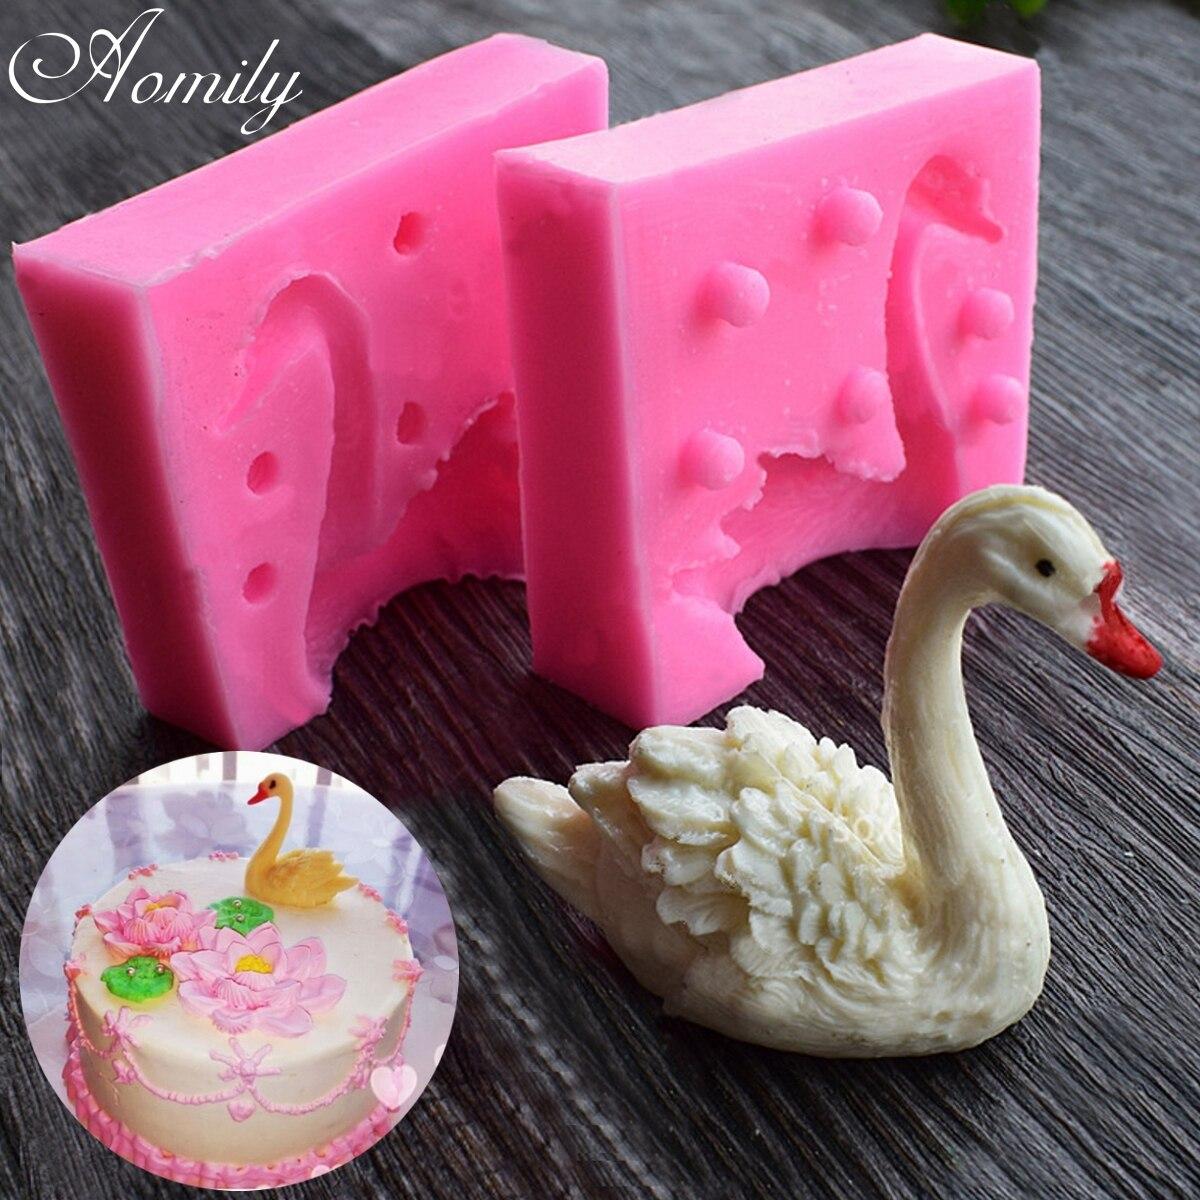 Aomily 3D прекрасного лебедя помадка силиконовые формы свеча Сахар Craft Tool шоколадный торт плесень Кухня DIY выпечки украшения Инструменты